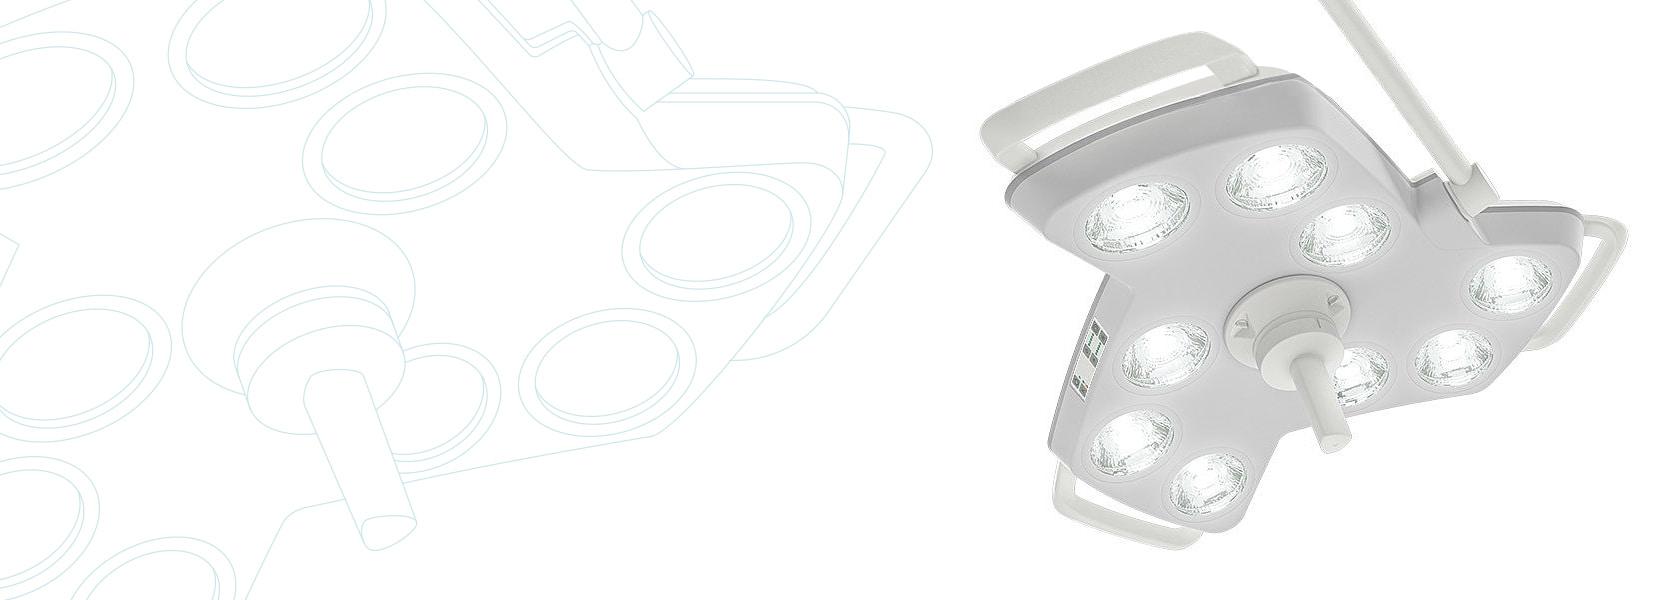 Медицинское освещение от немецкого производителя KLS Martin